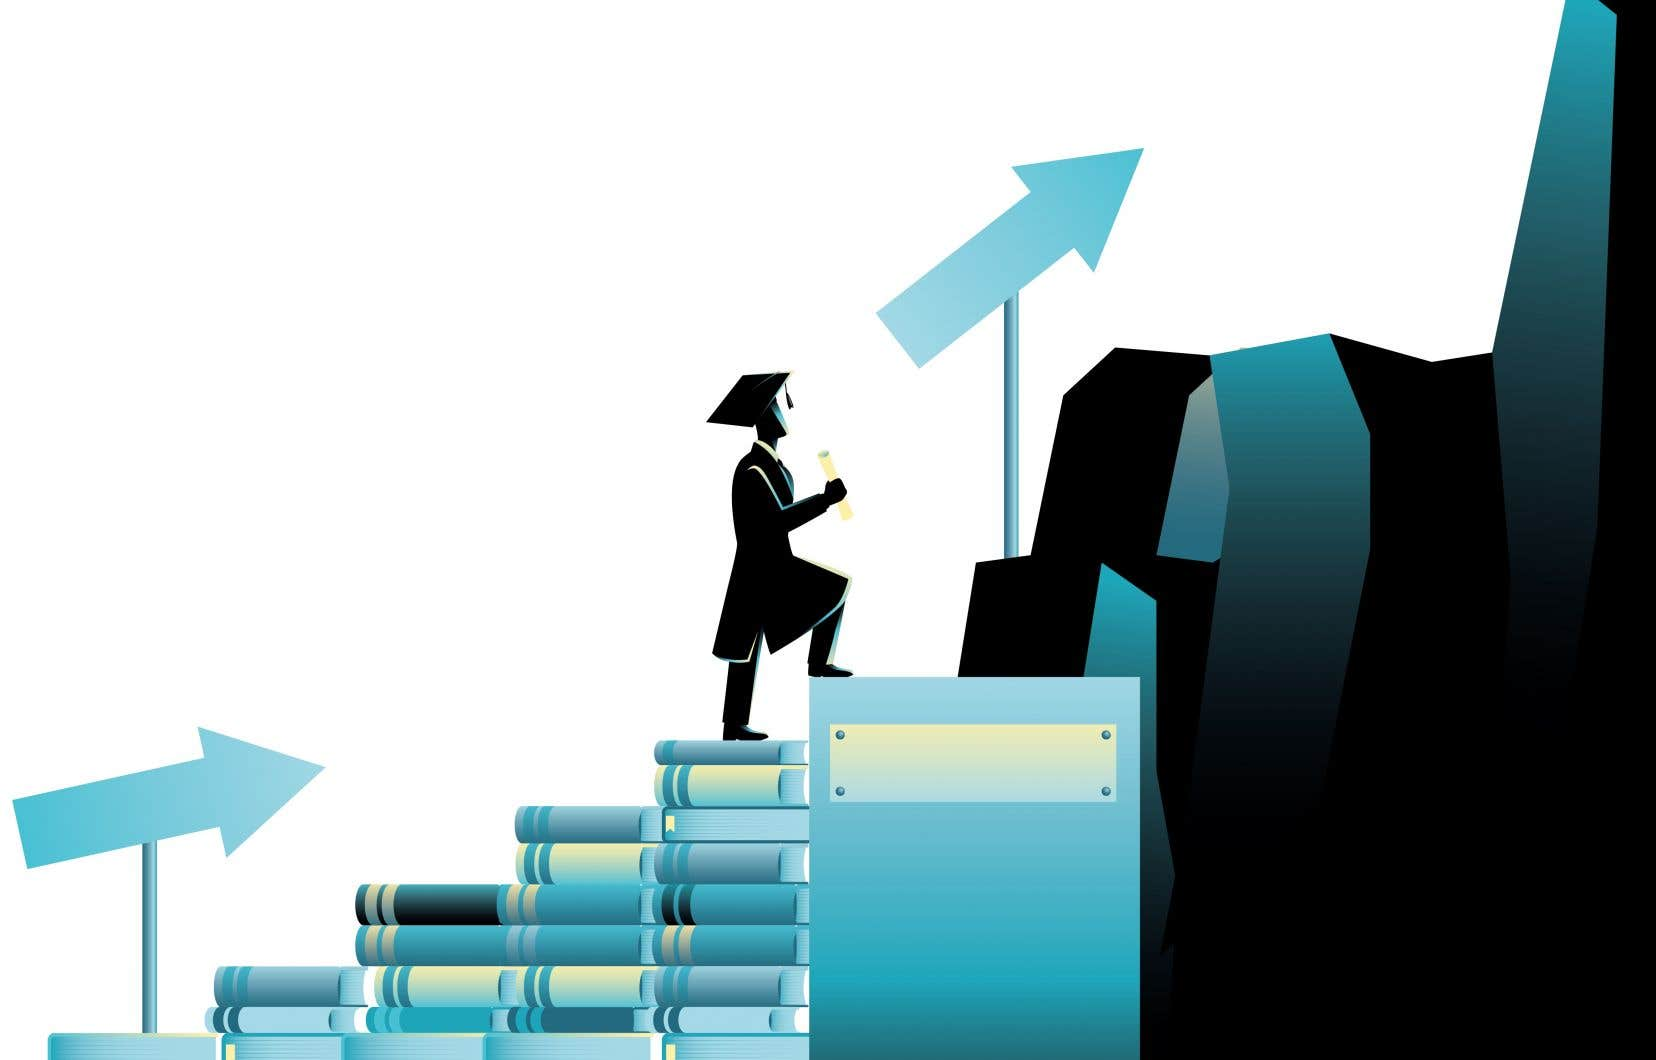 Selon une étude, moins de 20% des titulaires d'un doctorat au Canada occupent un emploi de professeur d'université à temps plein. Alors où sont tous les autres?